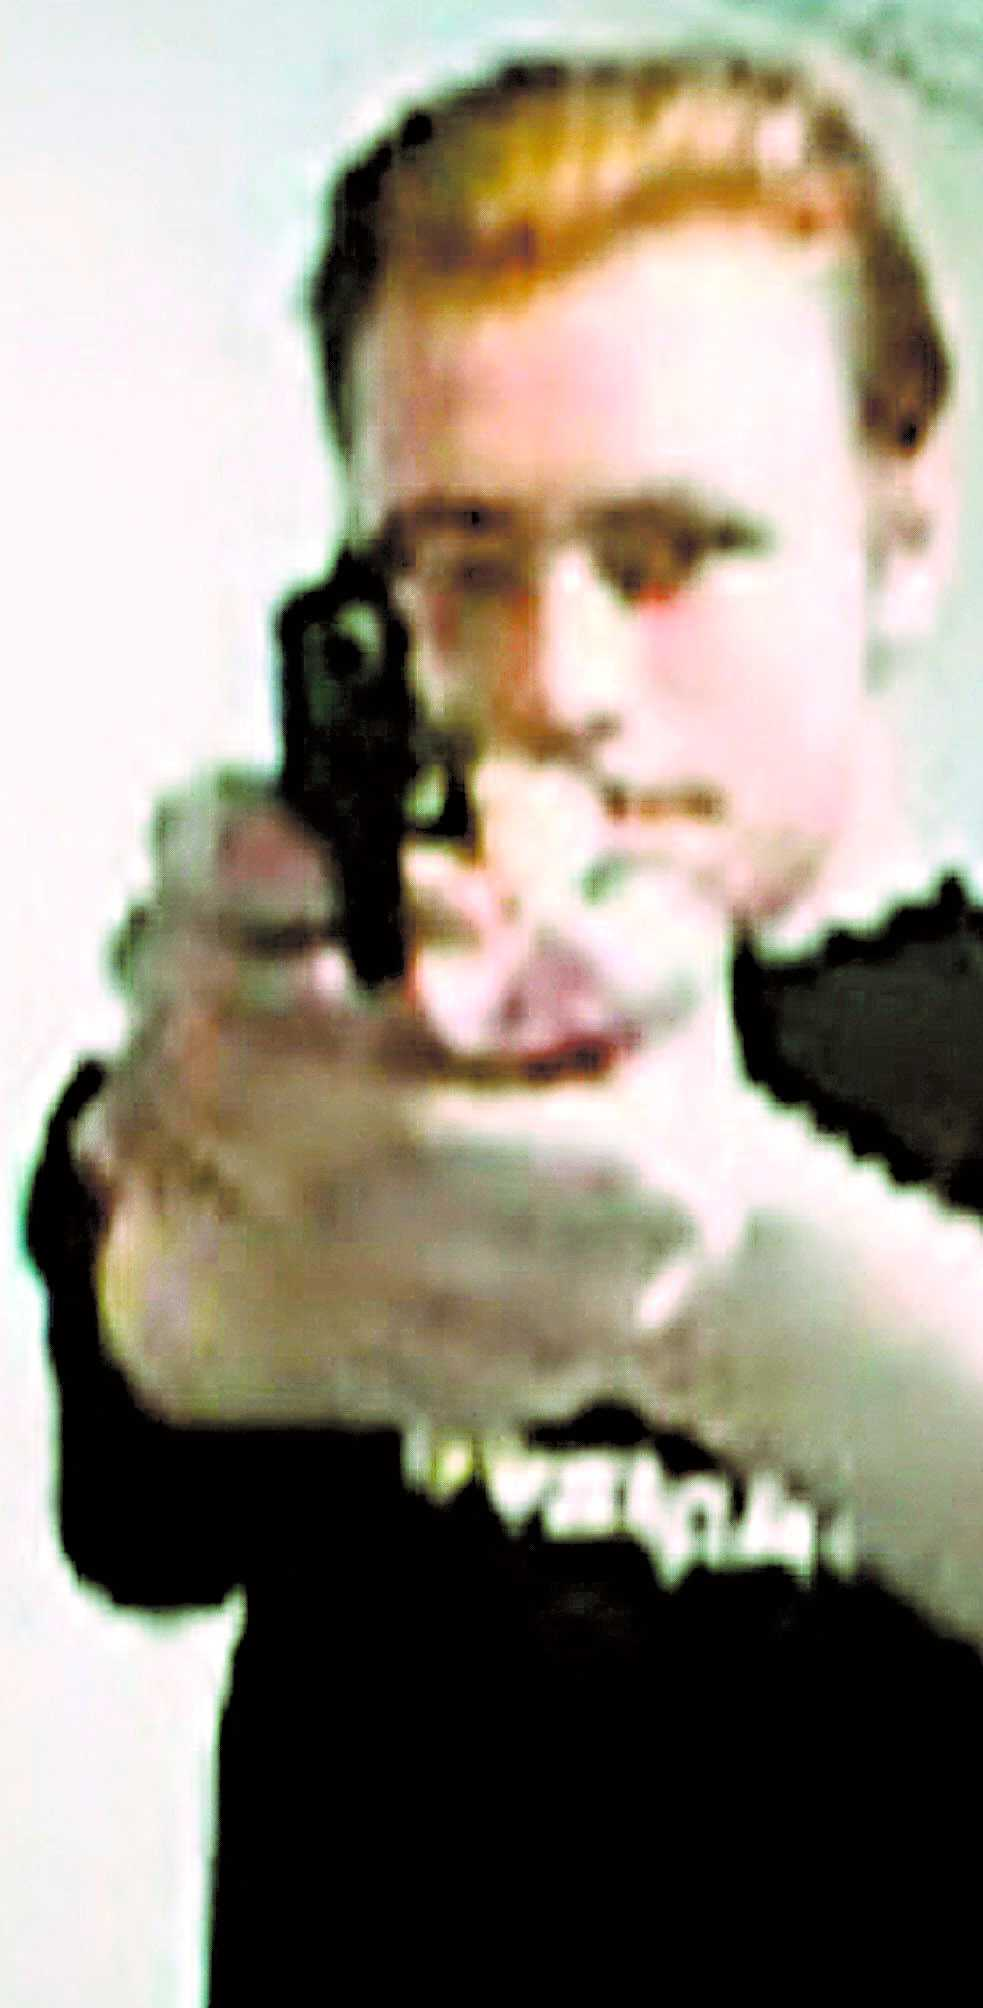 """VARNADE OM MASSAKERN Dagen före vansinnesdådet på skolan la Pekka-Eric Auvinen, 18, upp en kortfilm med namnet """"Jokela High School Massacre"""" på sajten Youtube. Det var då bara timmar kvar innan döden kom till Jokela, fem mil norr om Helsingfors."""